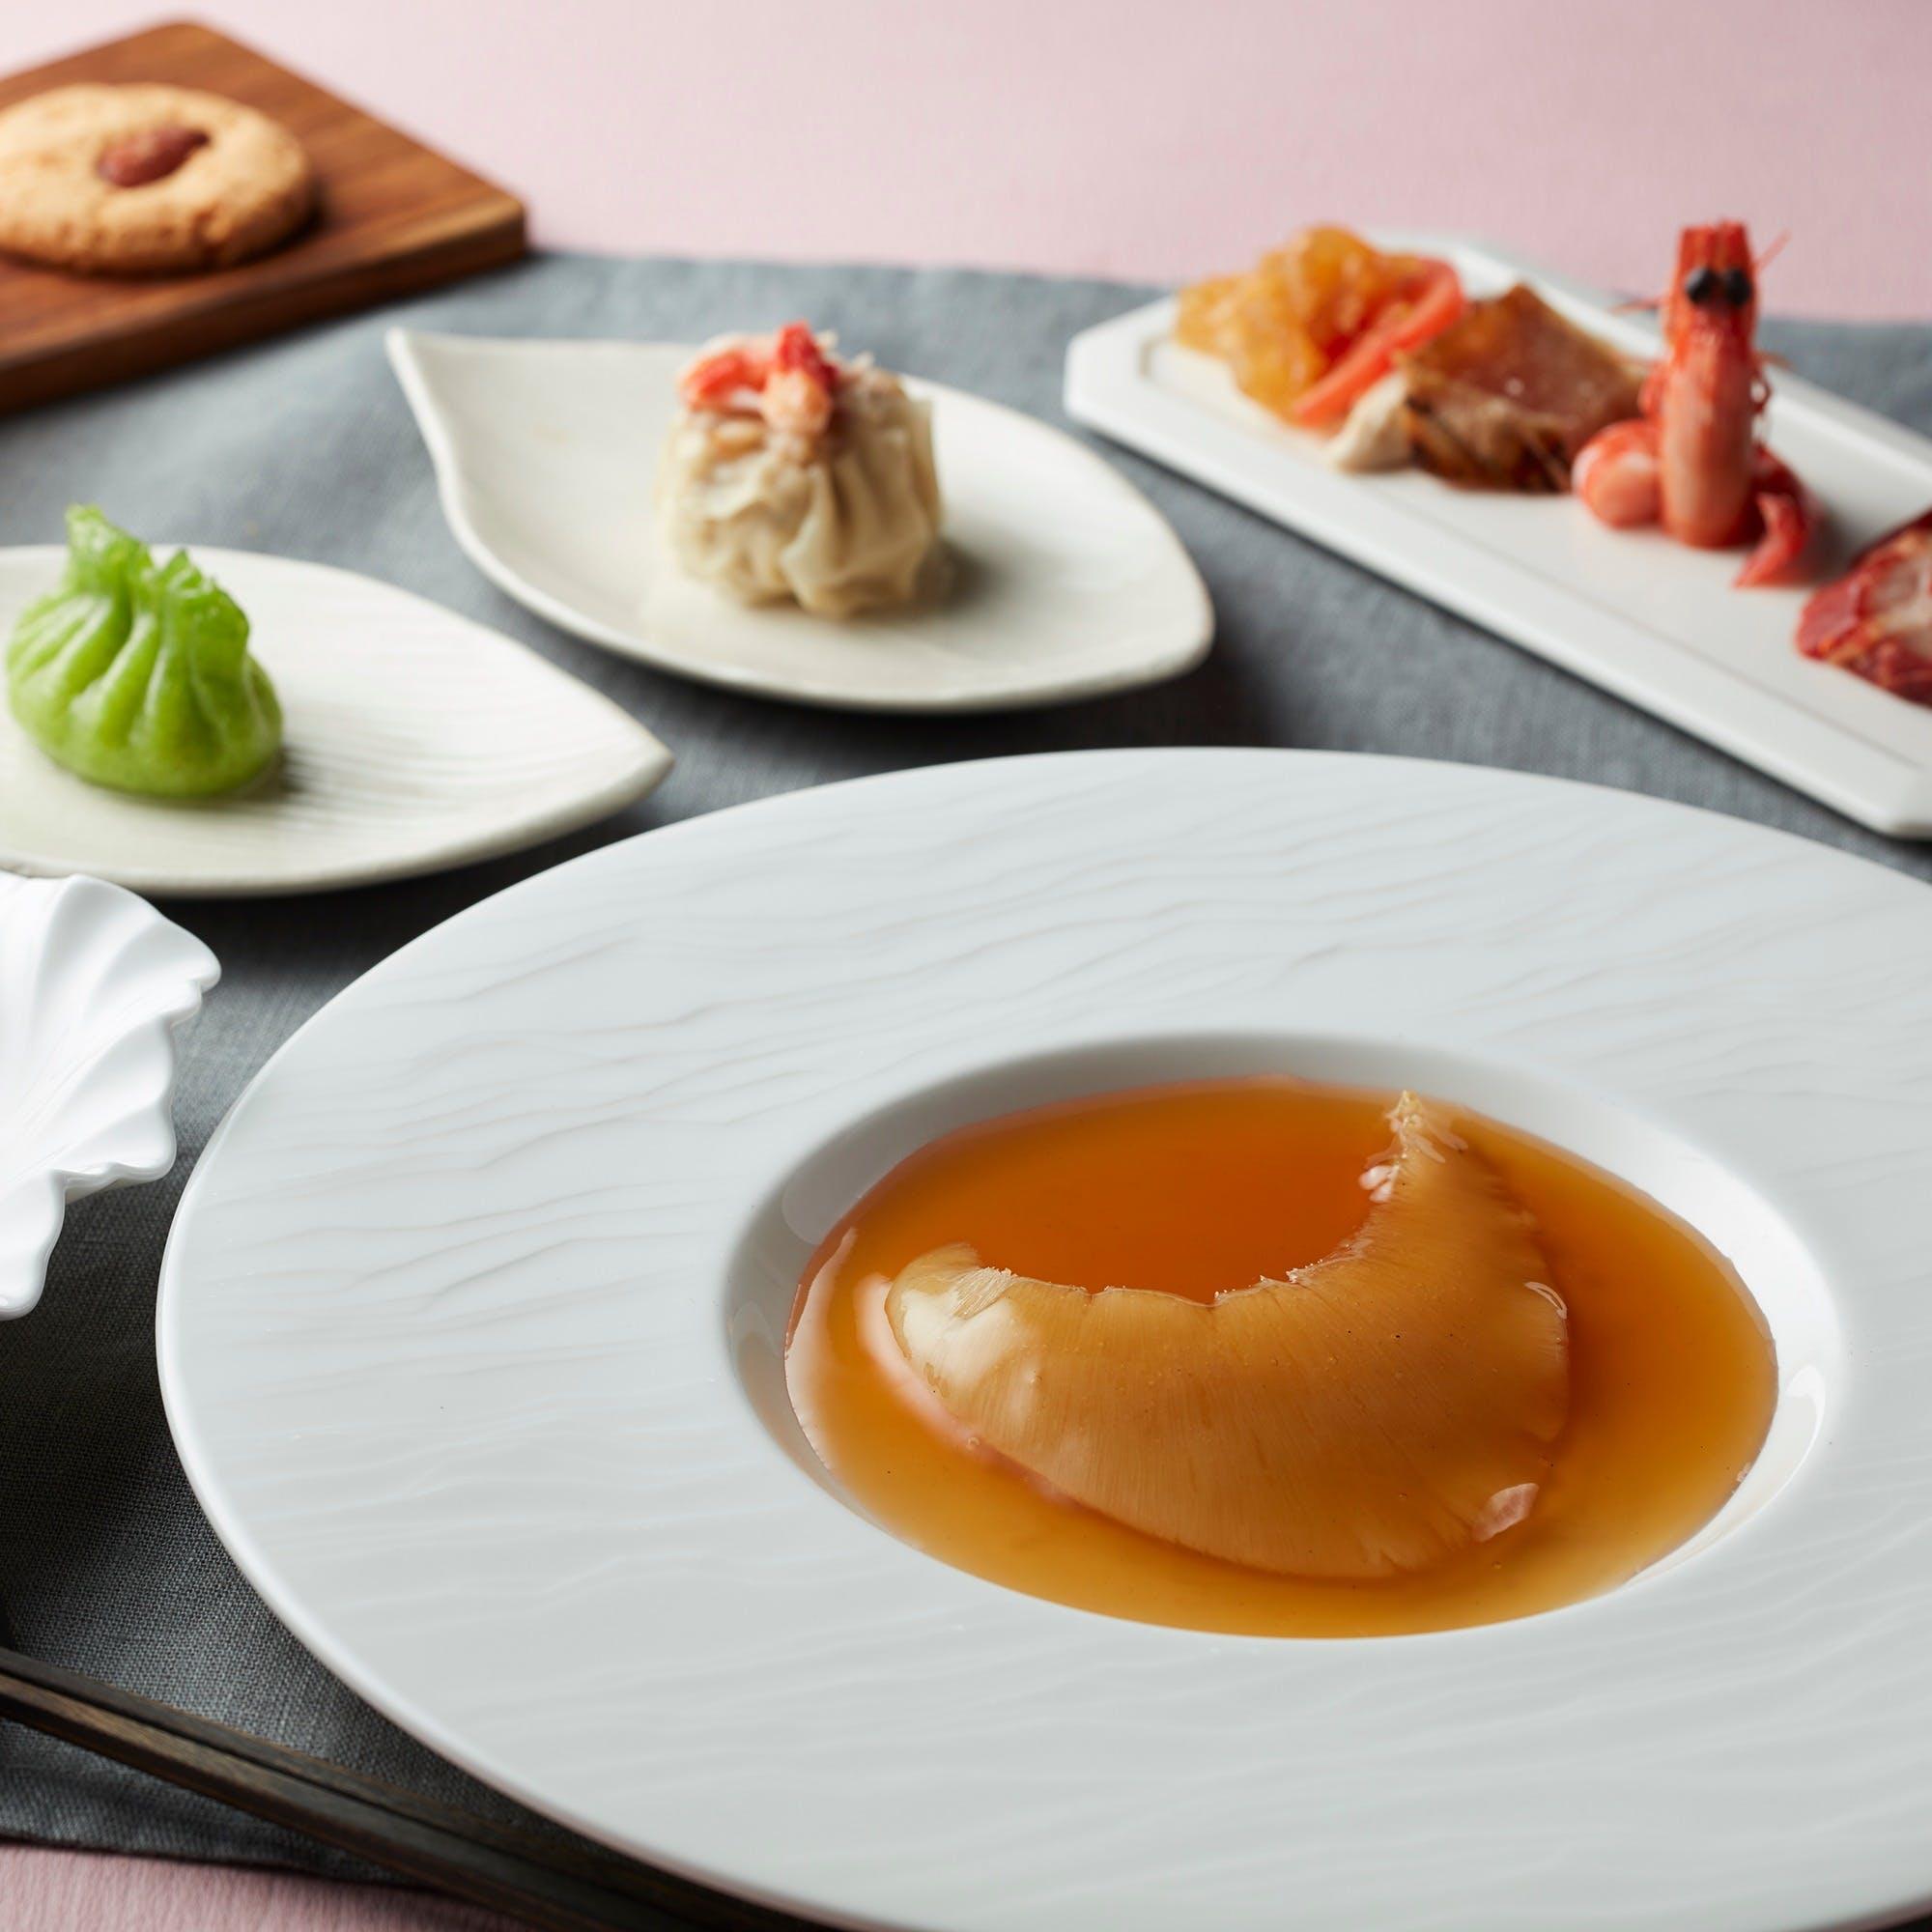 悠久の歴史の中で産まれた中国料理